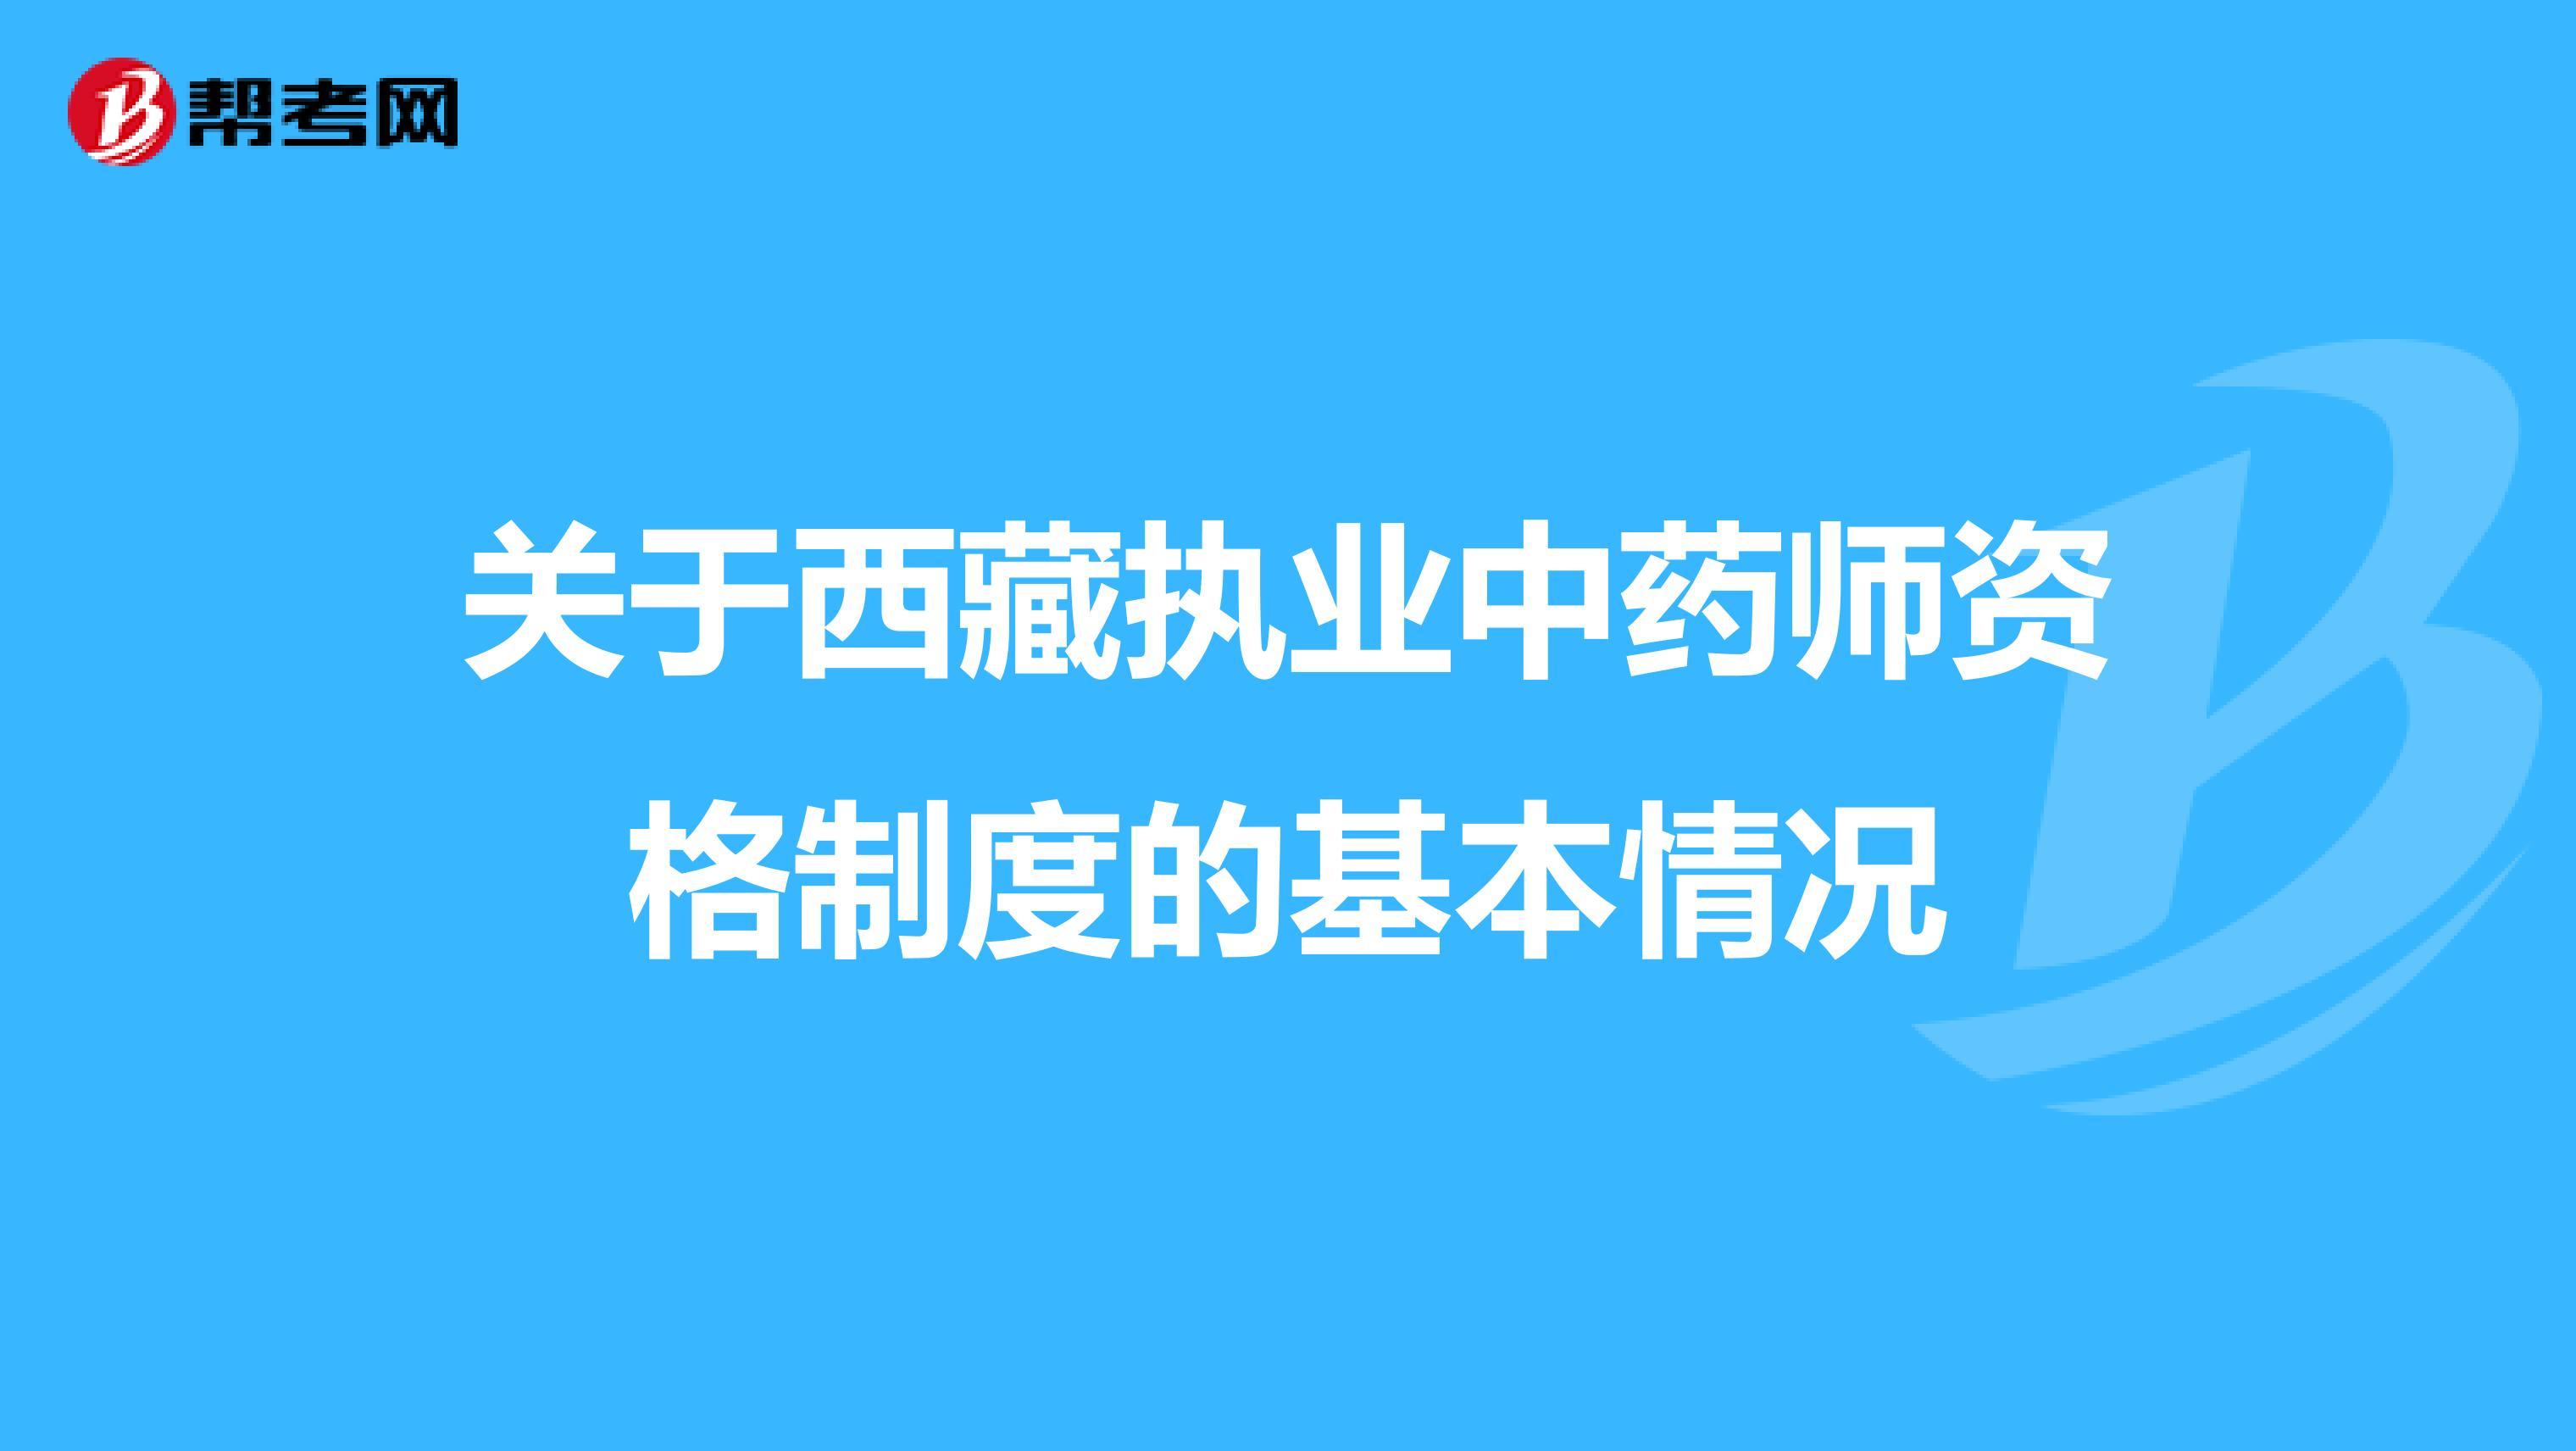 关于西藏执业中药师资格制度的基本情况